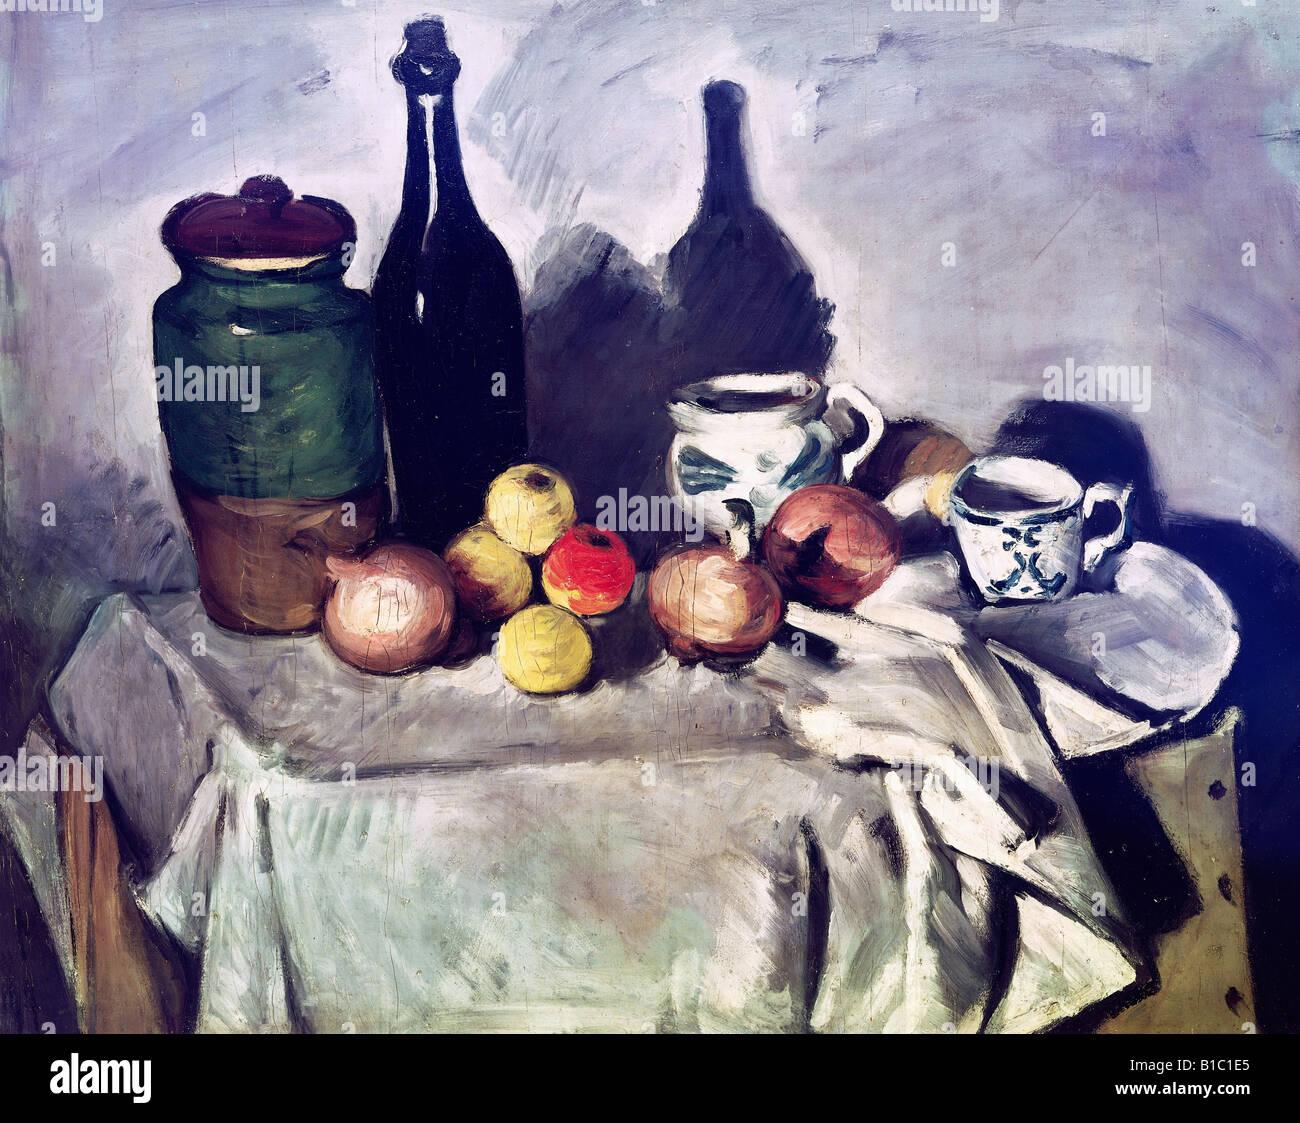 Bellas artes, Cezanne, Paul (19.1.1893 - 22.10.1906), pintura, 'Still Life con frutas y platos', alrededor de 1869 Foto de stock